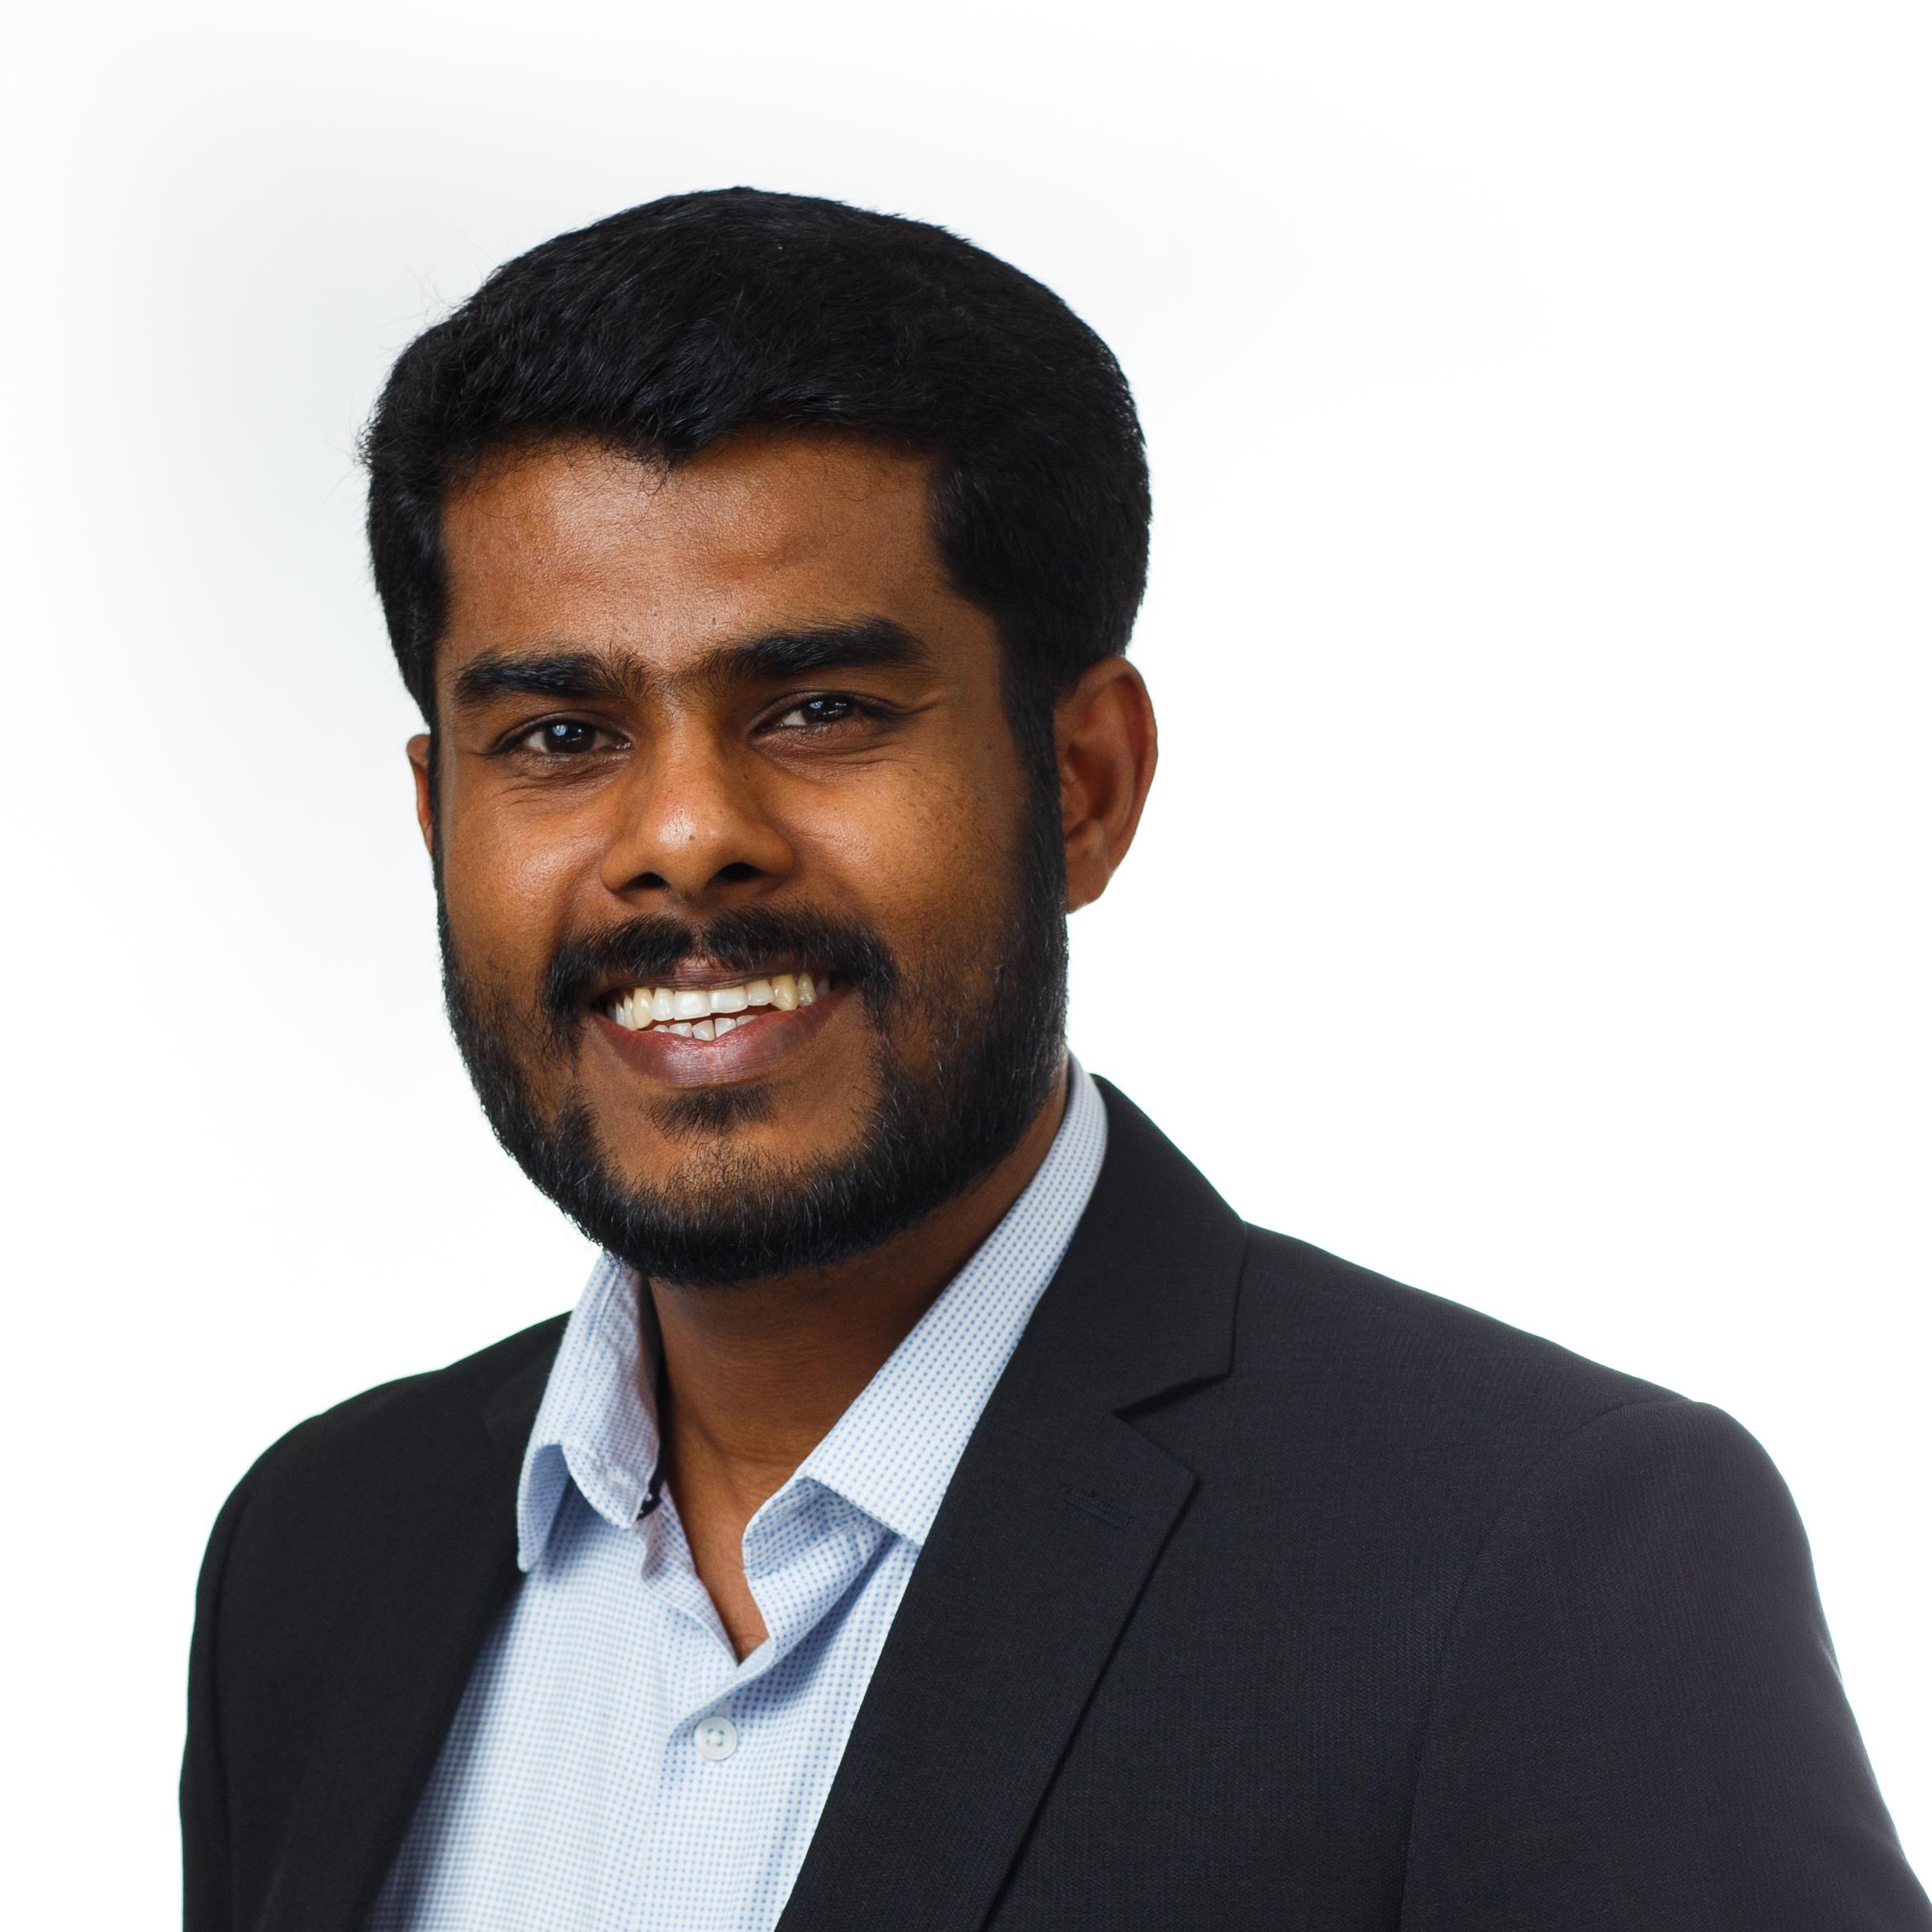 Dr Harisankar K Sathyapalan